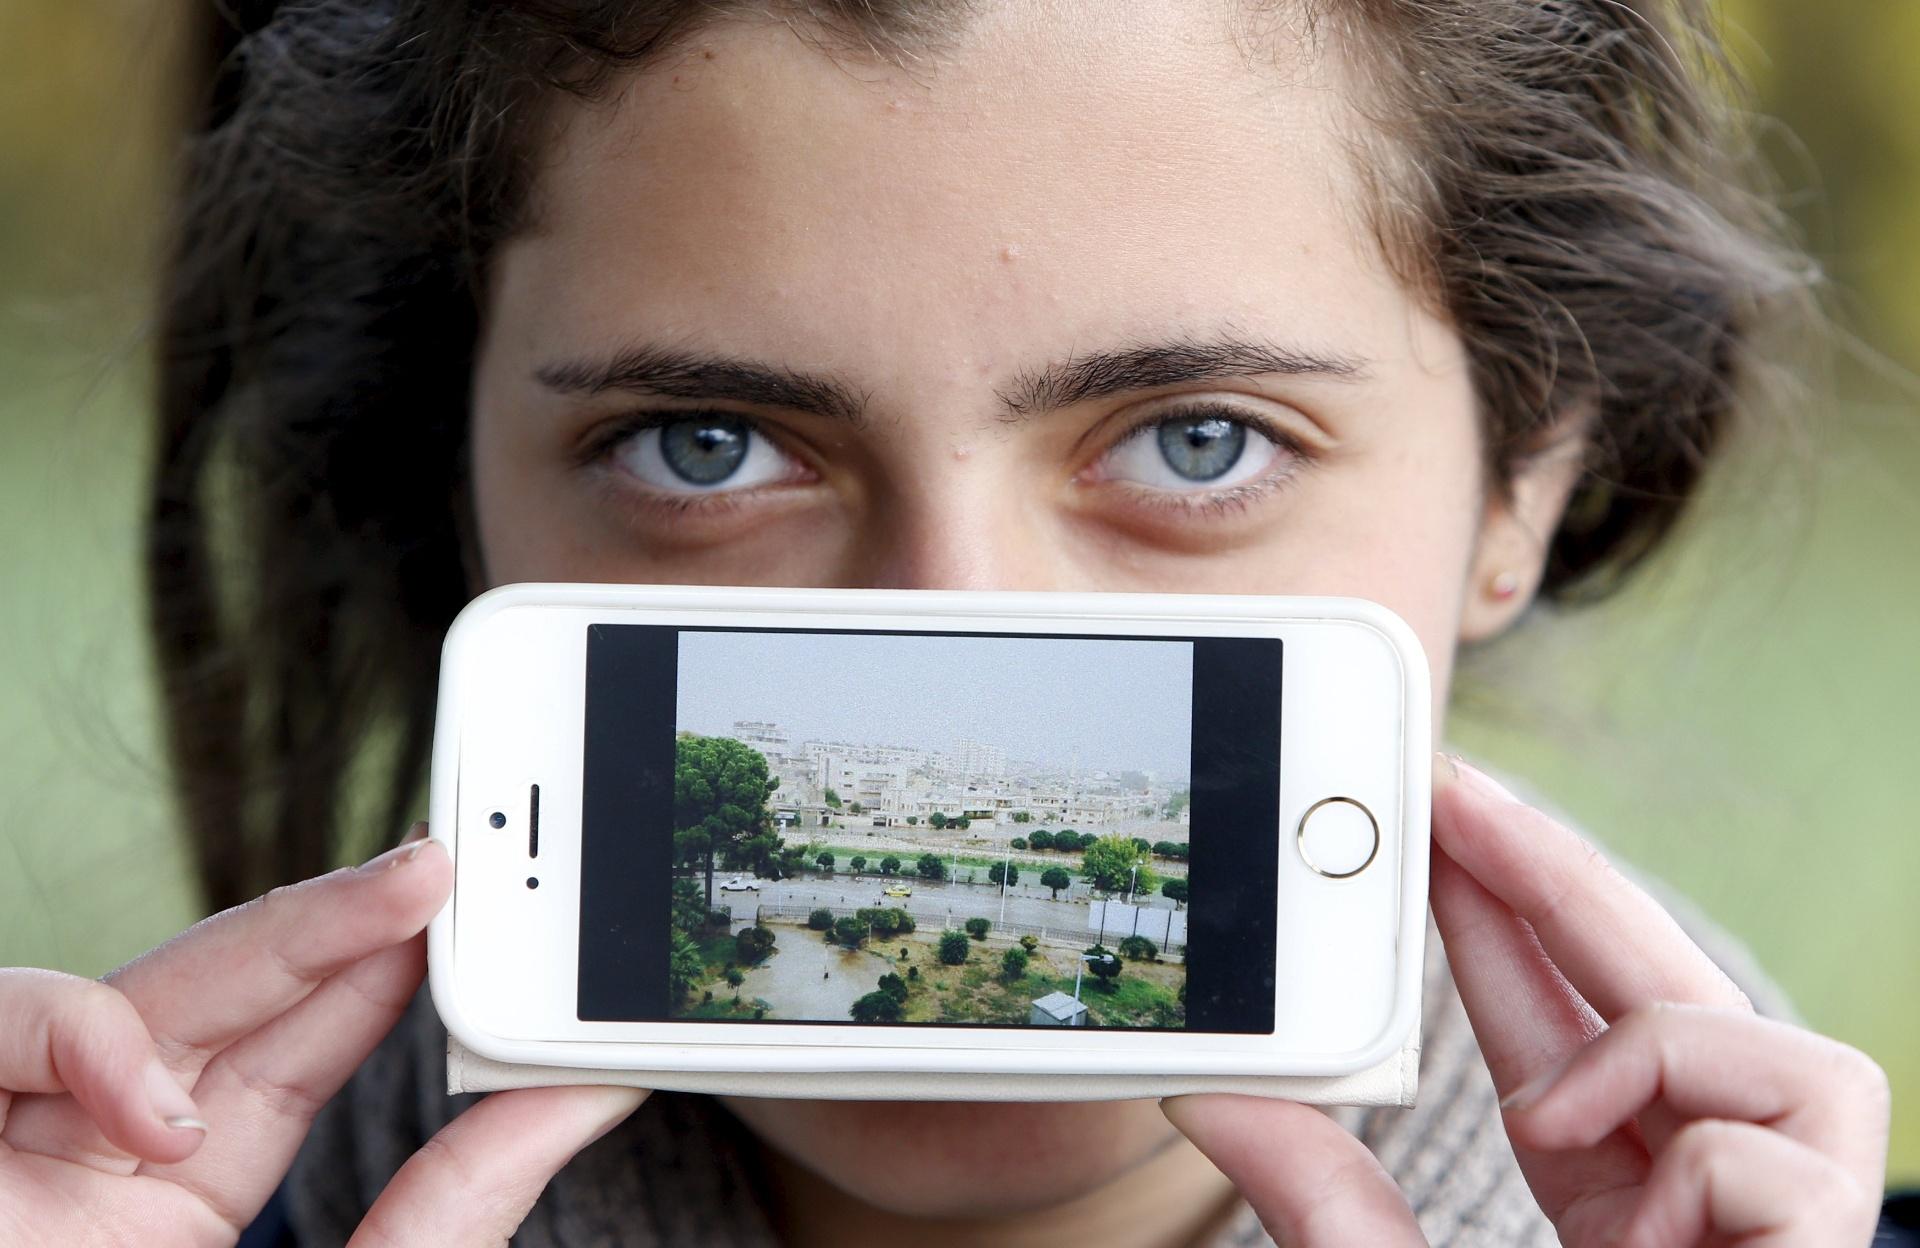 Haya, de Artoz, na Síria, mostra uma imagem de sua cidade enquanto aguarda para cruzar a fronteira da Eslovênia com a Áustria